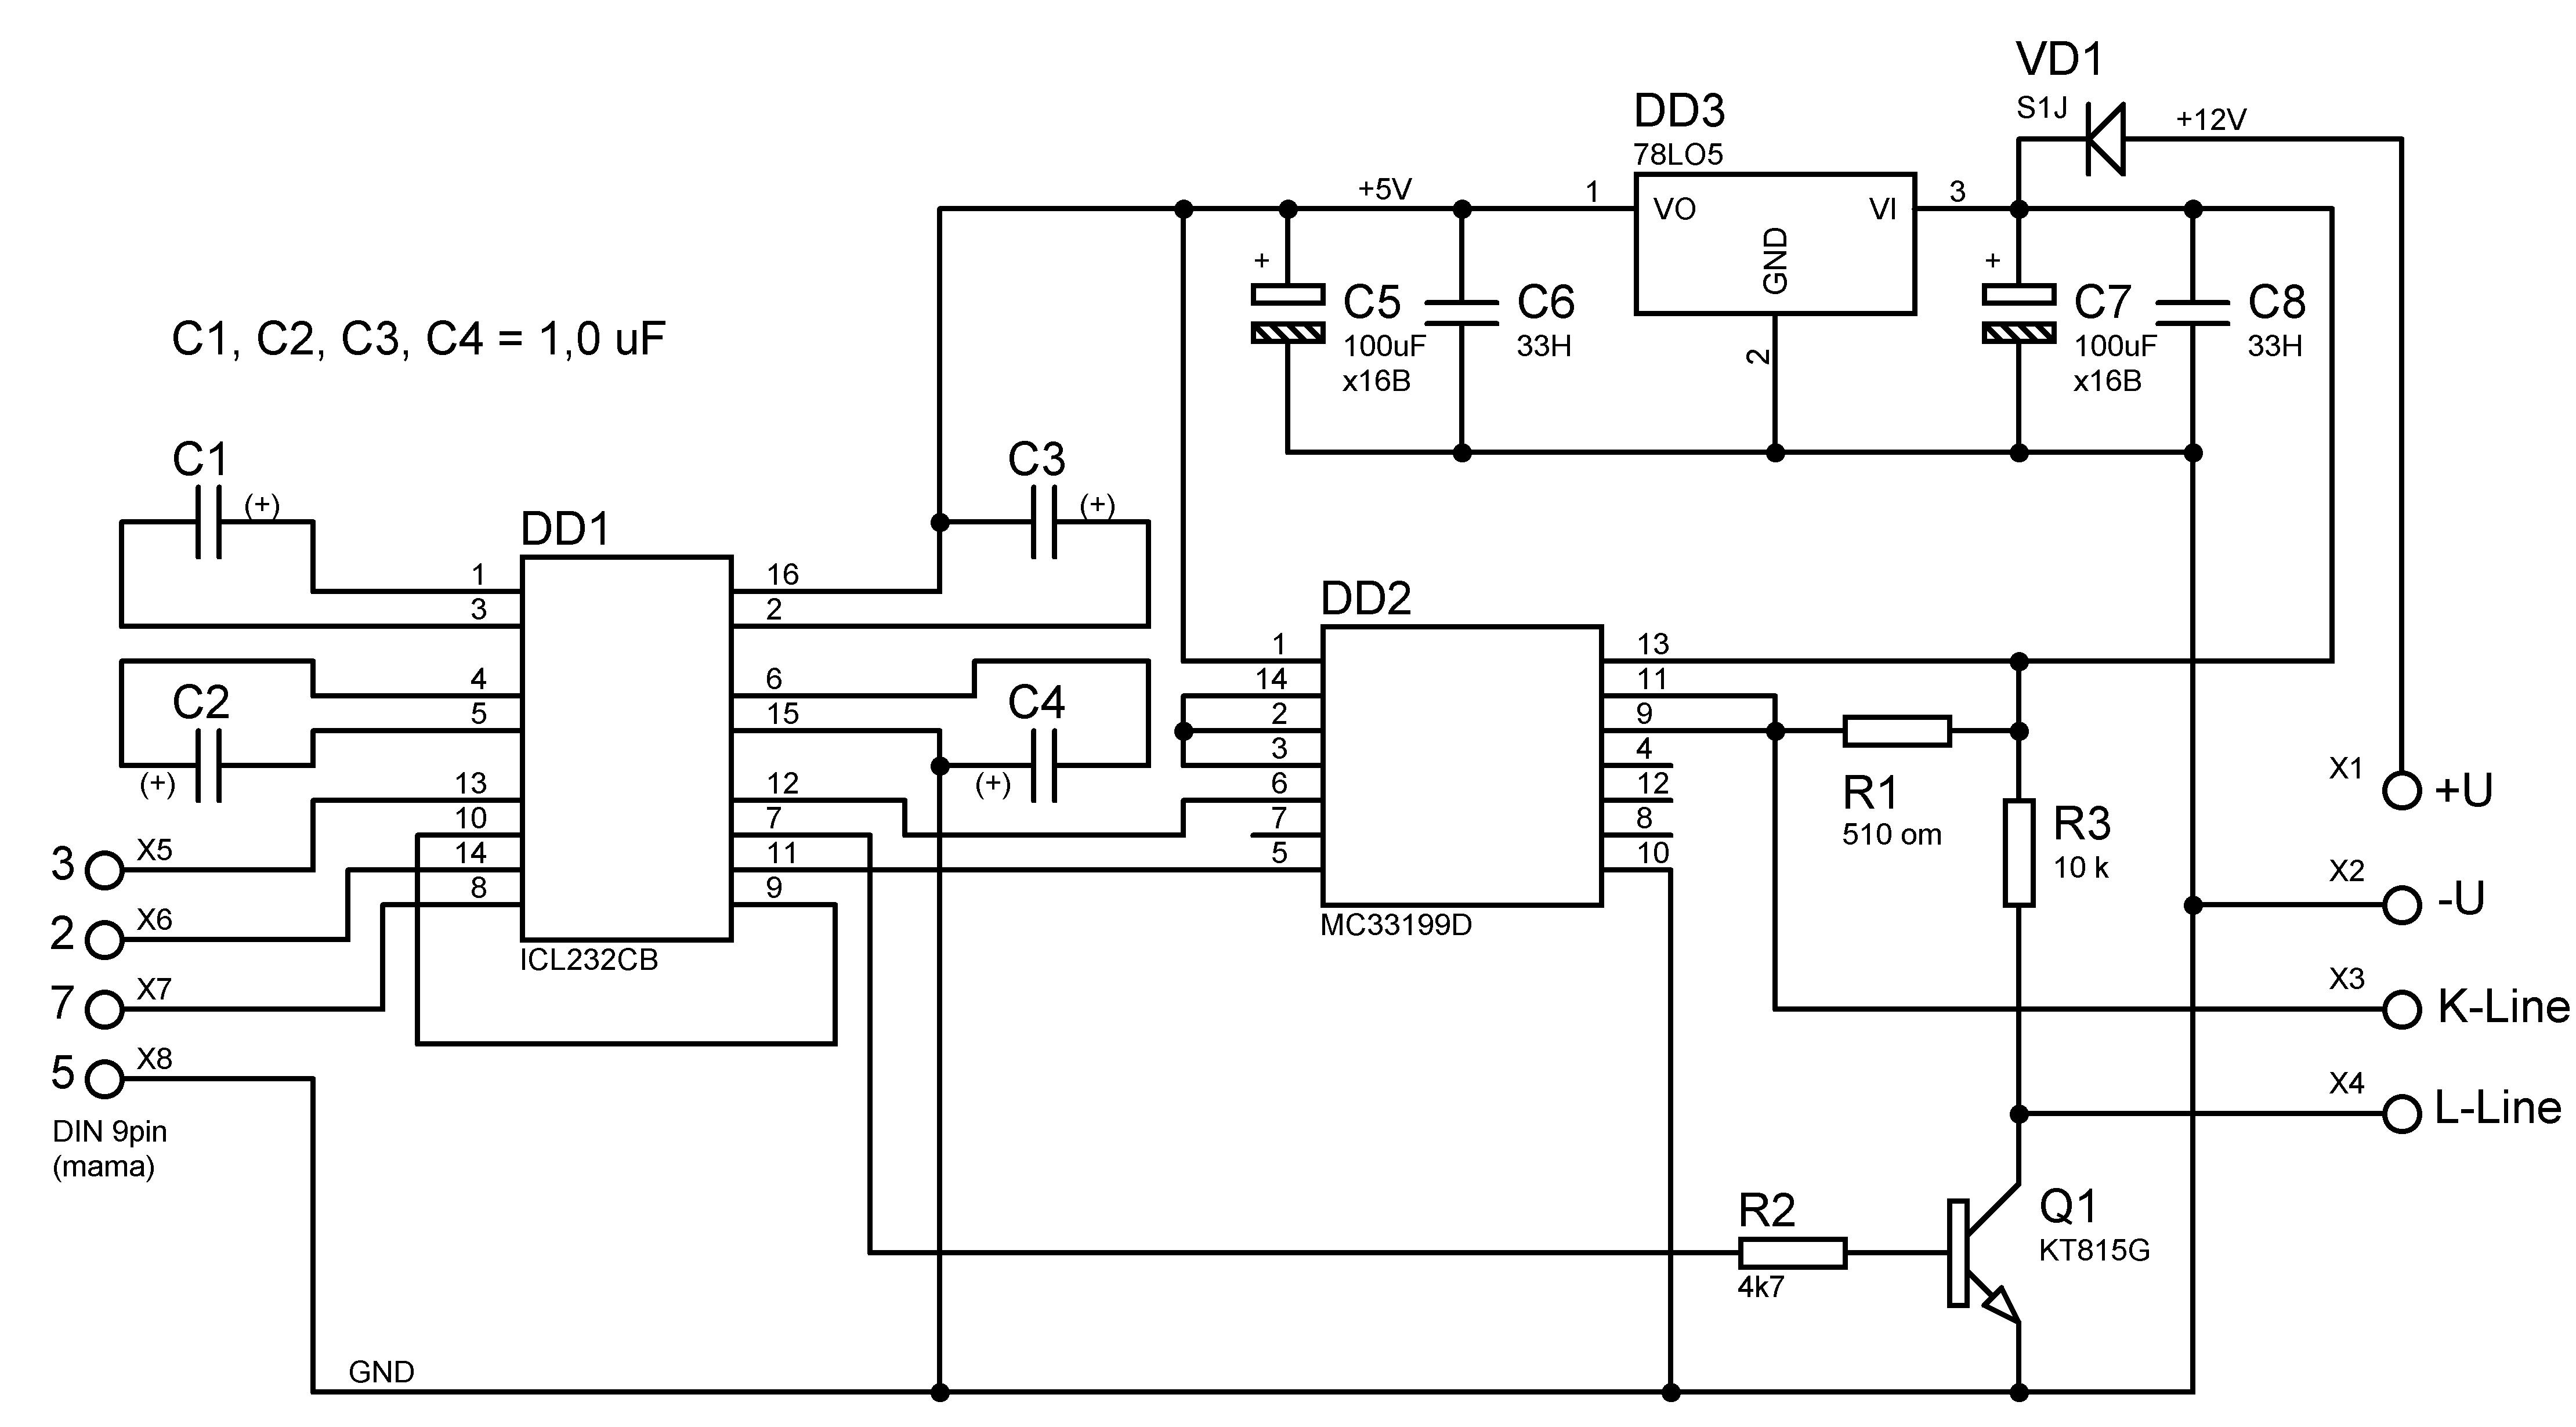 Схема адаптера для подключений компьютера